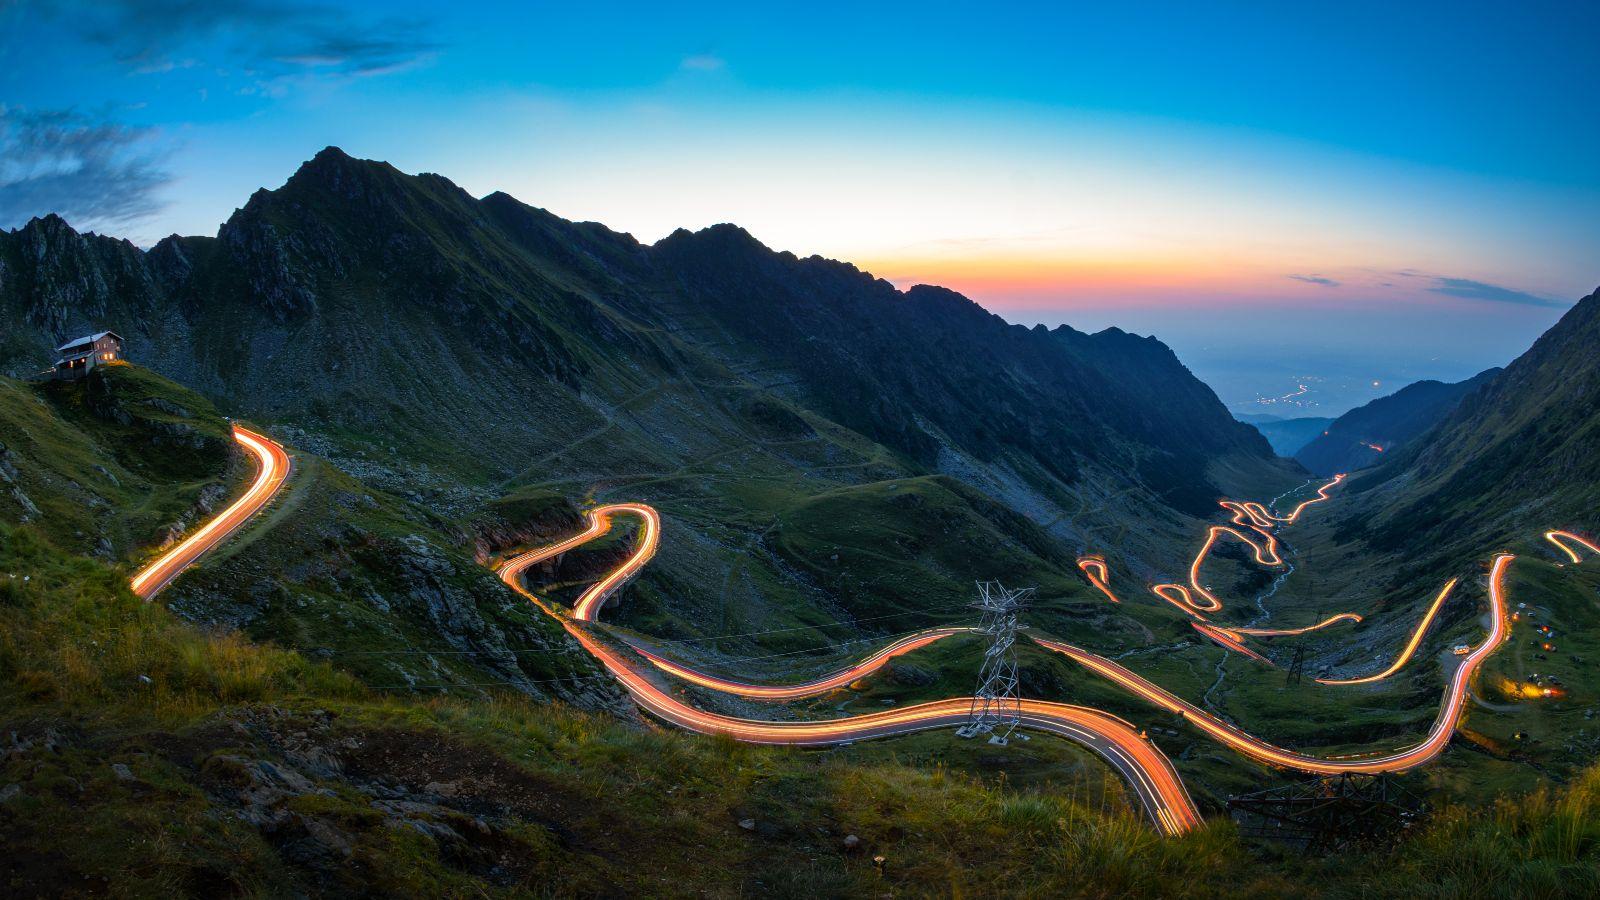 Das Bild zeigt einen schmalen Weg, der einen Berg hinaufführt. Der Weg ist hell erleuchtet.